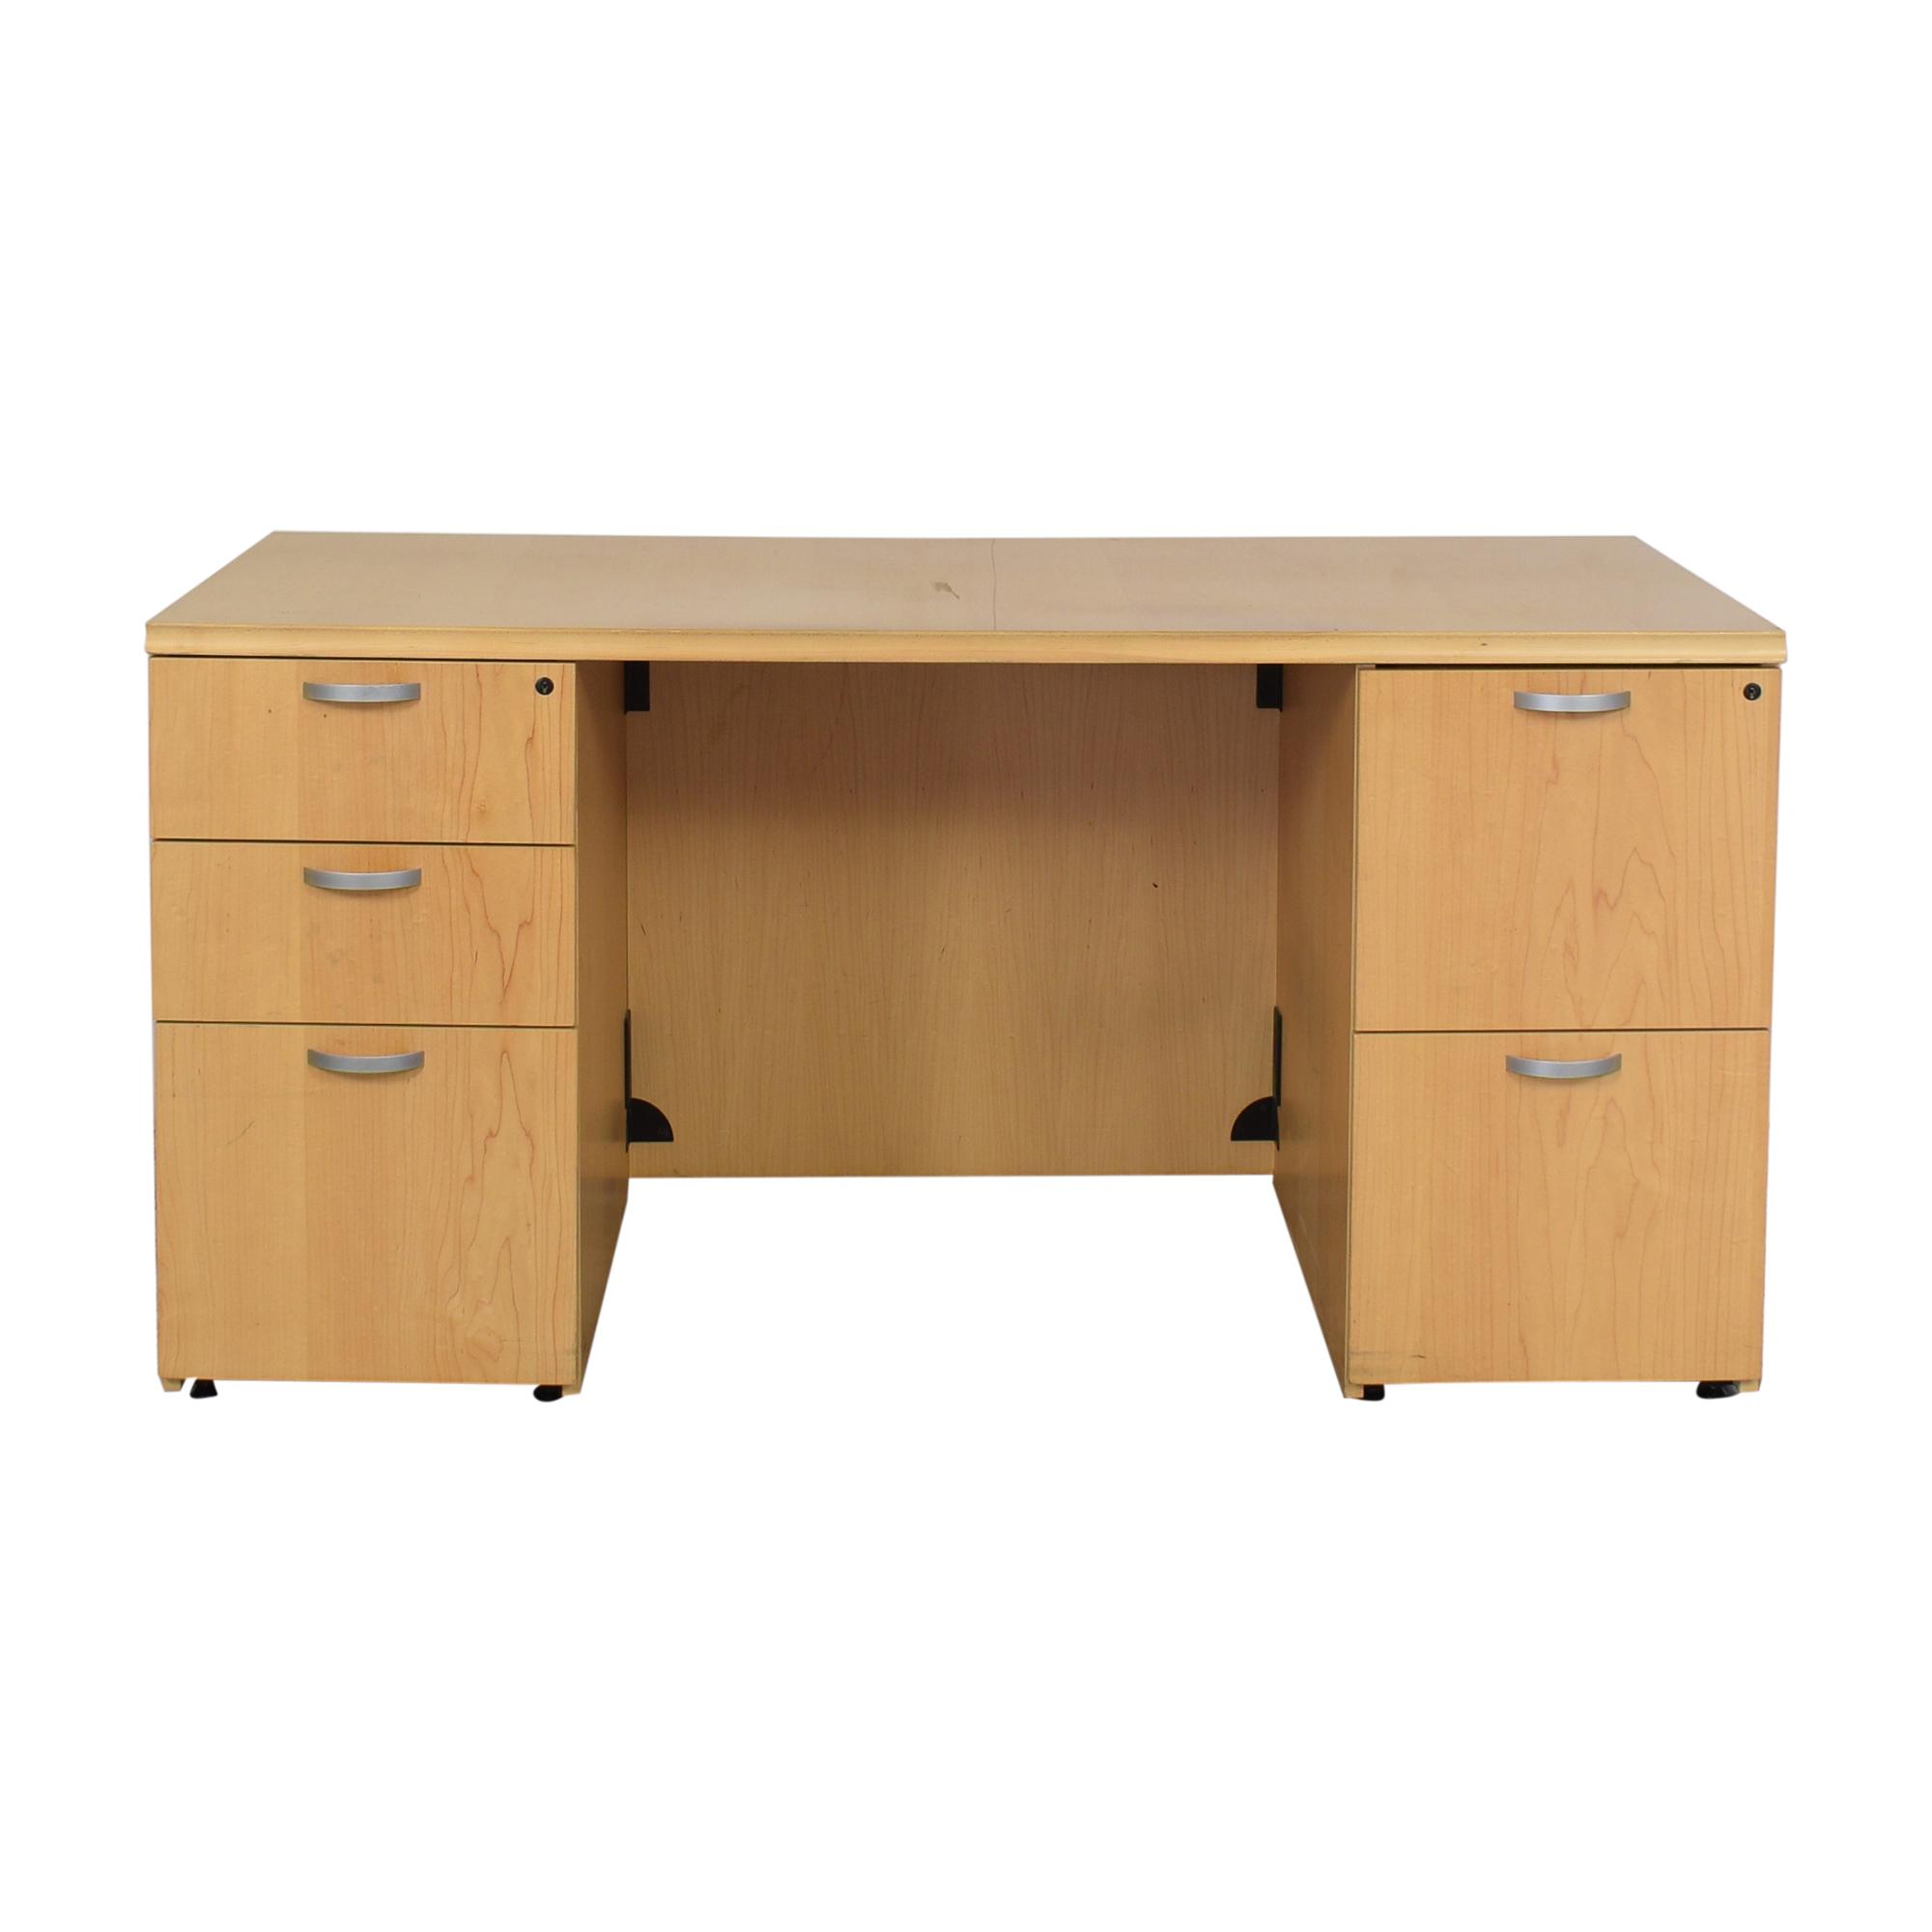 Krug Krug Pedastal Desk second hand